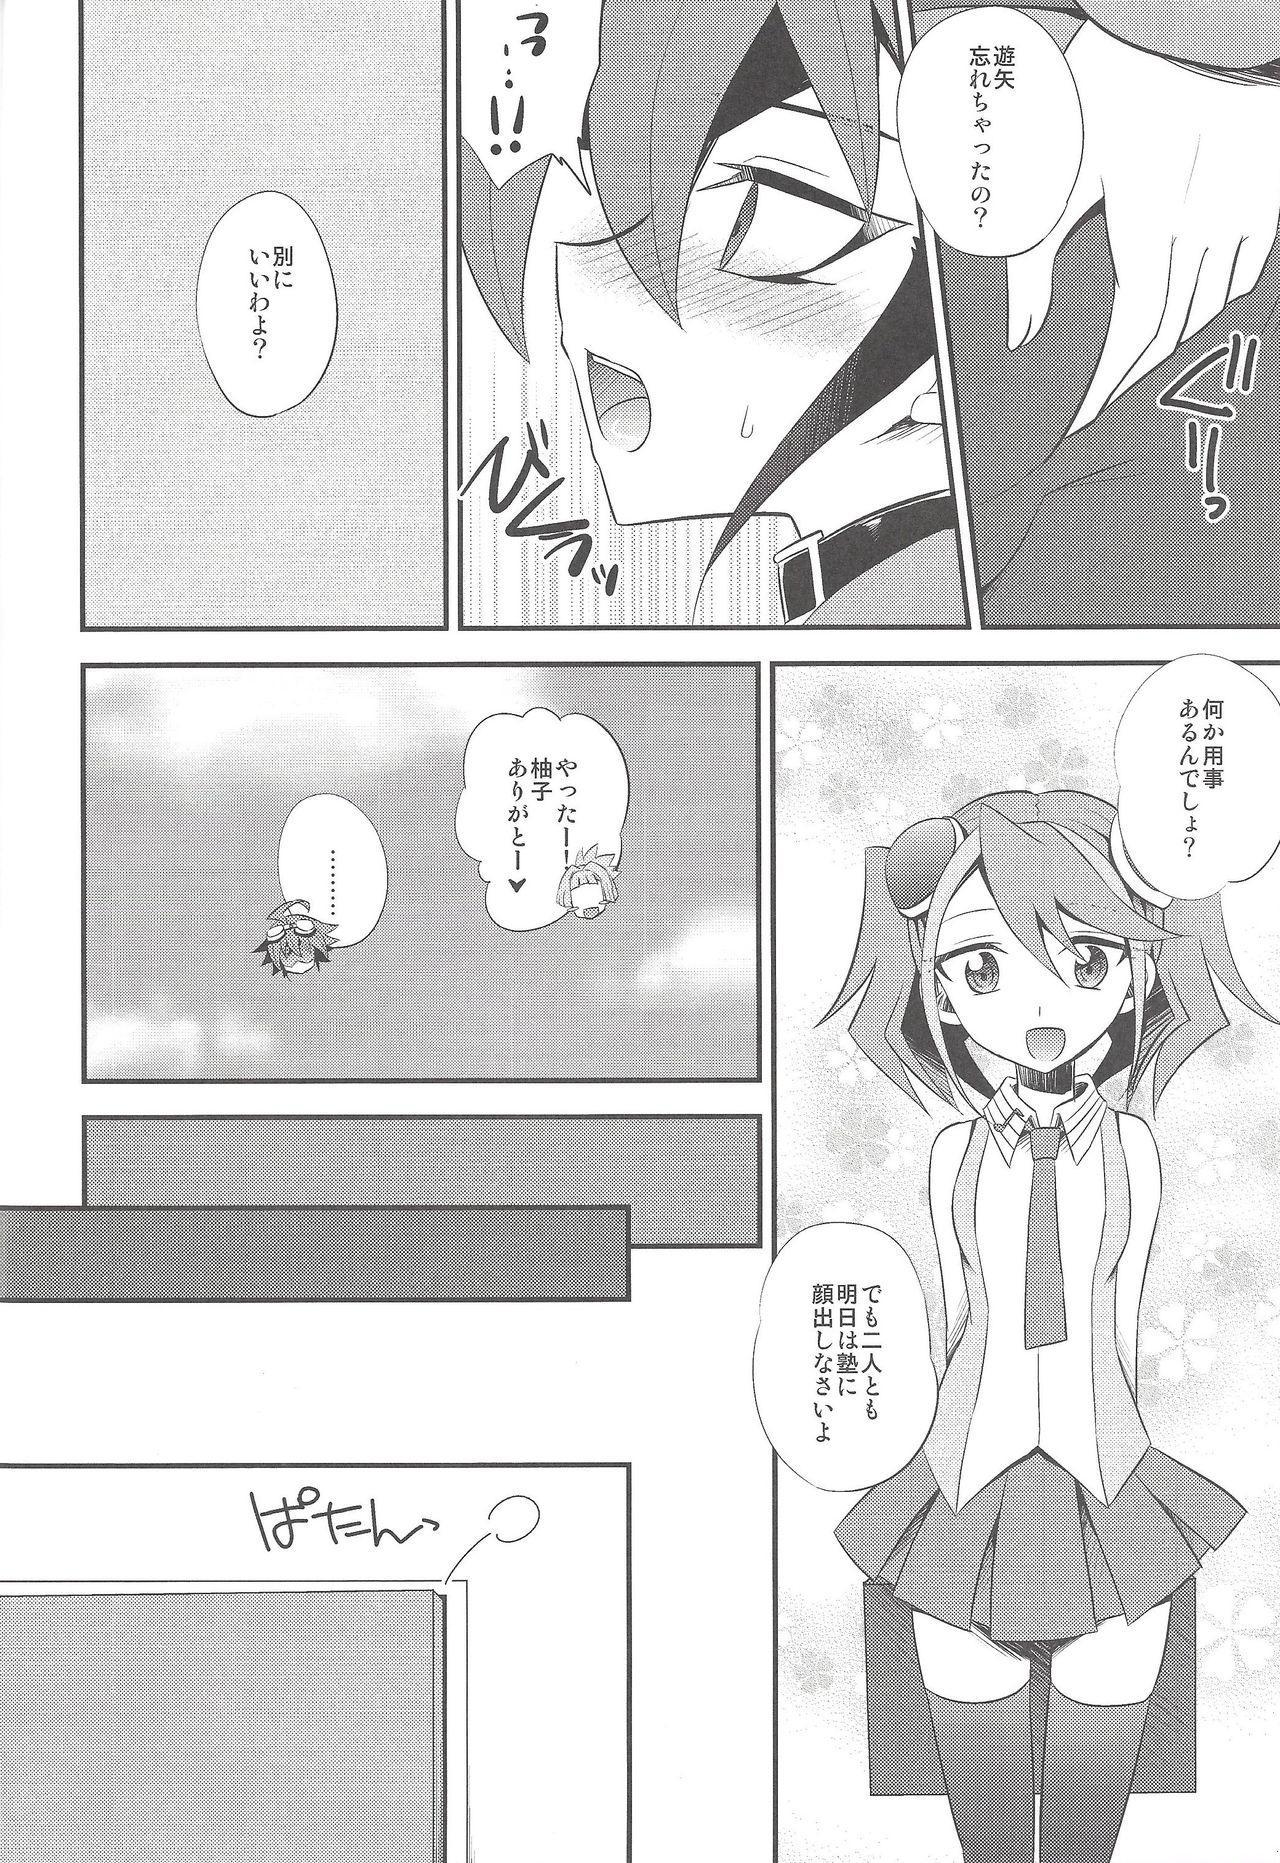 Sora-kun no Omocha 4